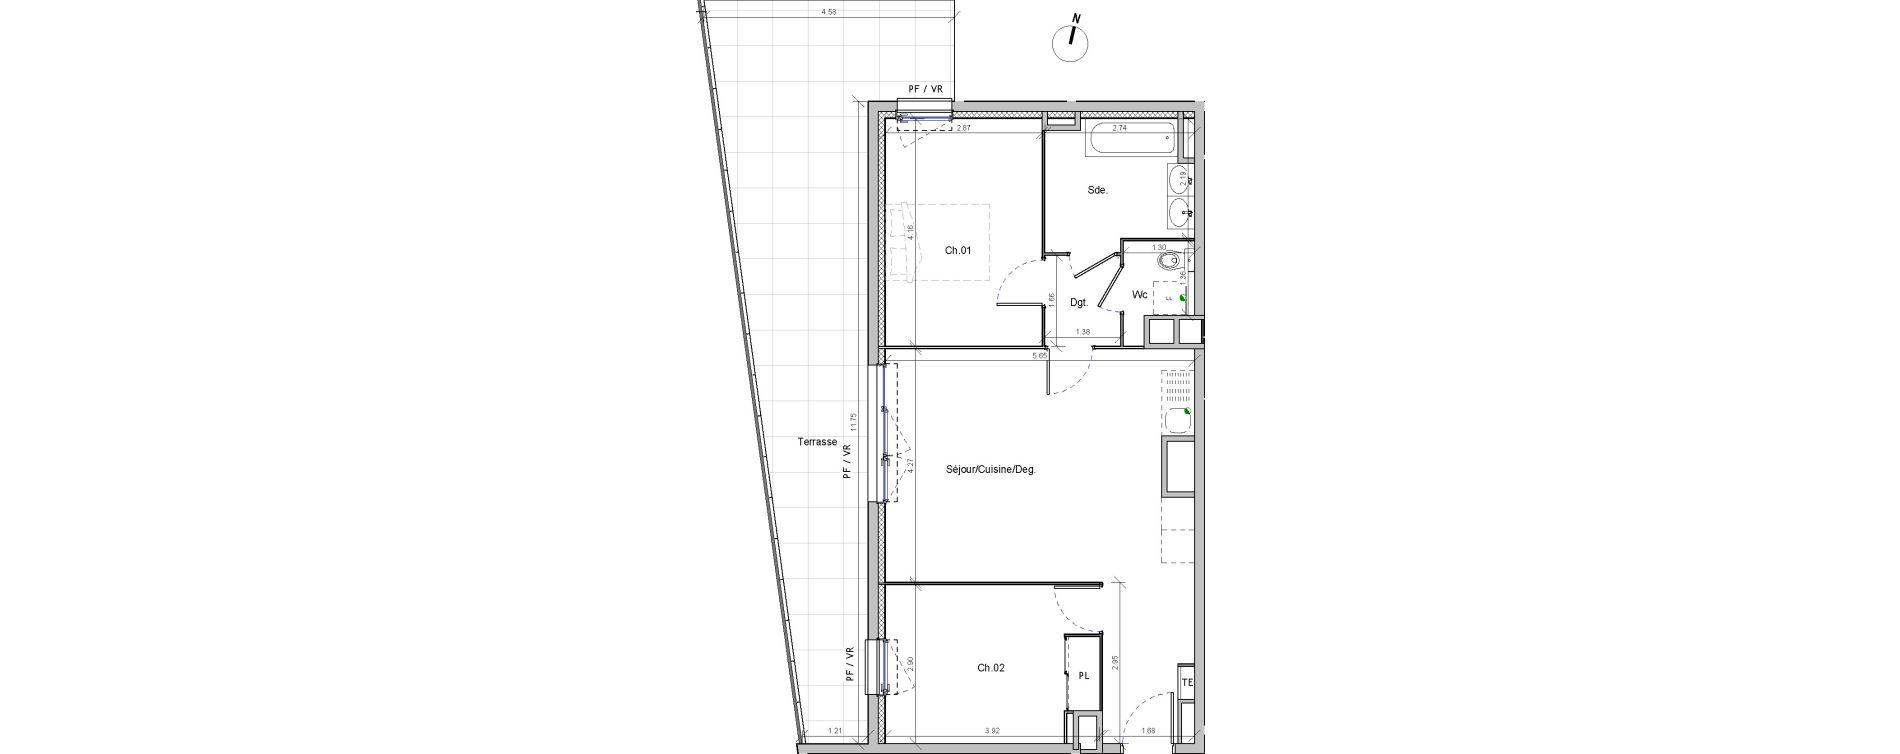 Appartement T3 de 60,95 m2 à Marseille Beaumont (12eme)